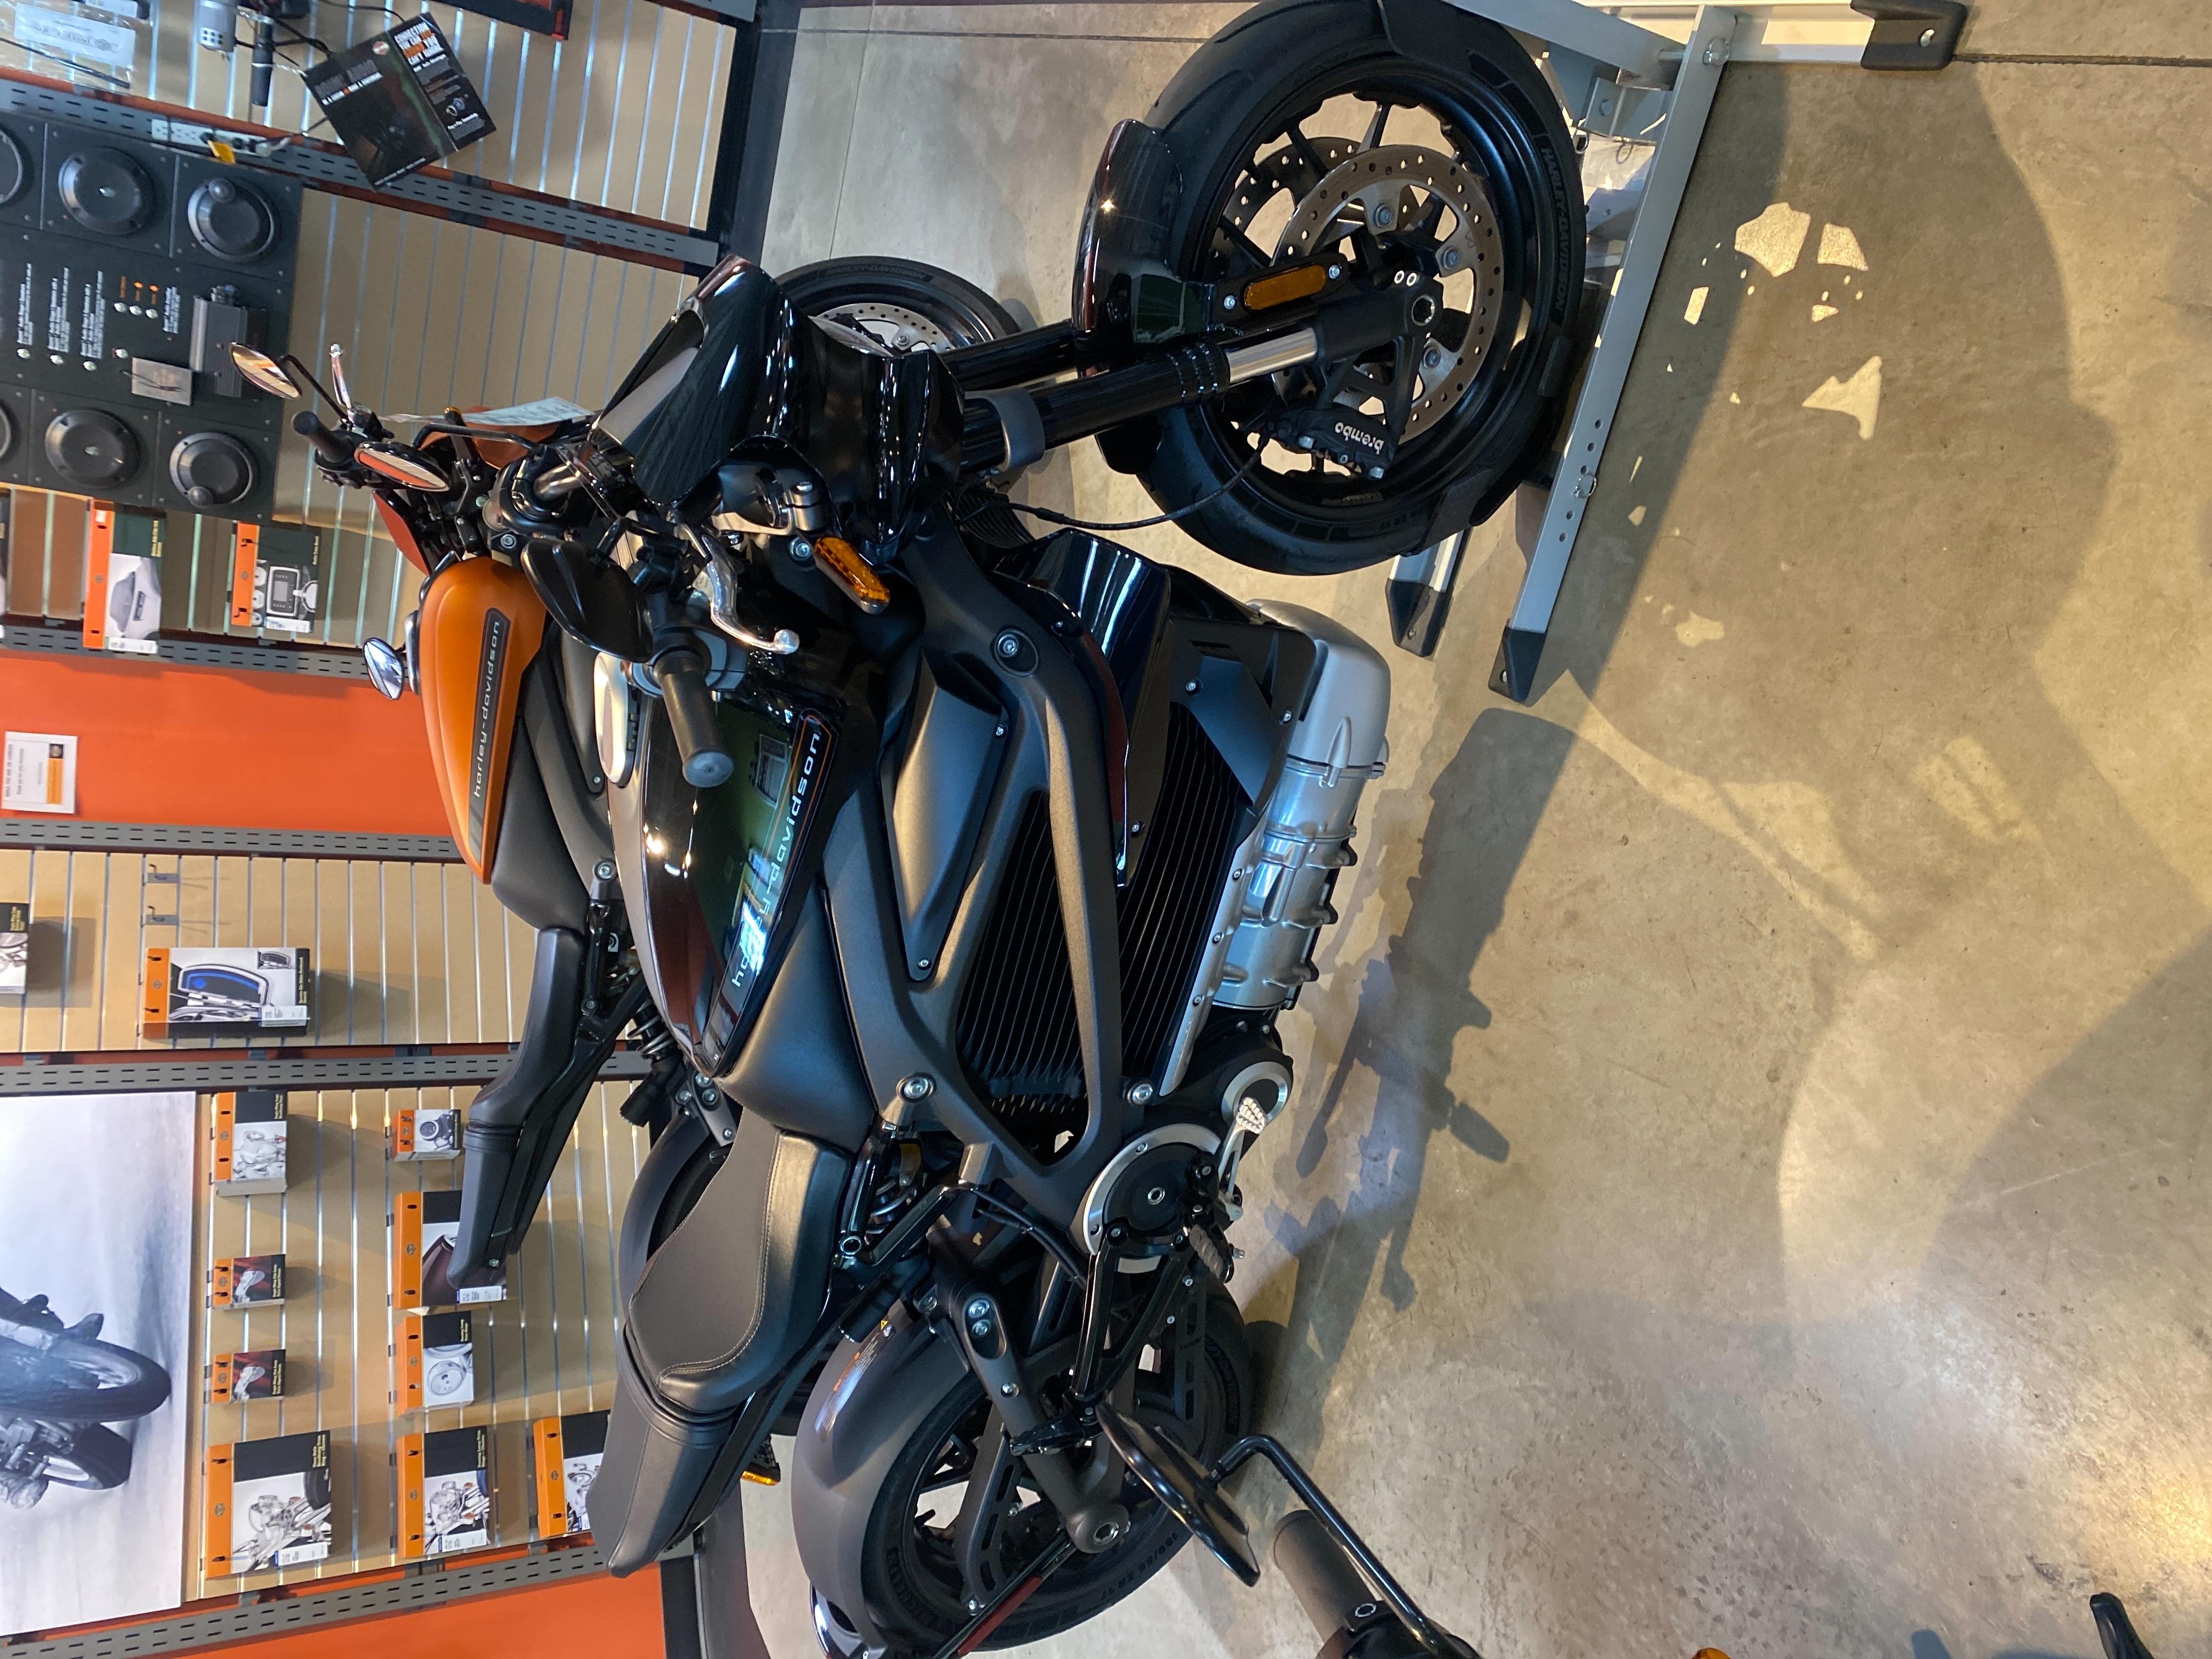 2020 HARLEY DAVIDSON ELW at Outpost Harley-Davidson